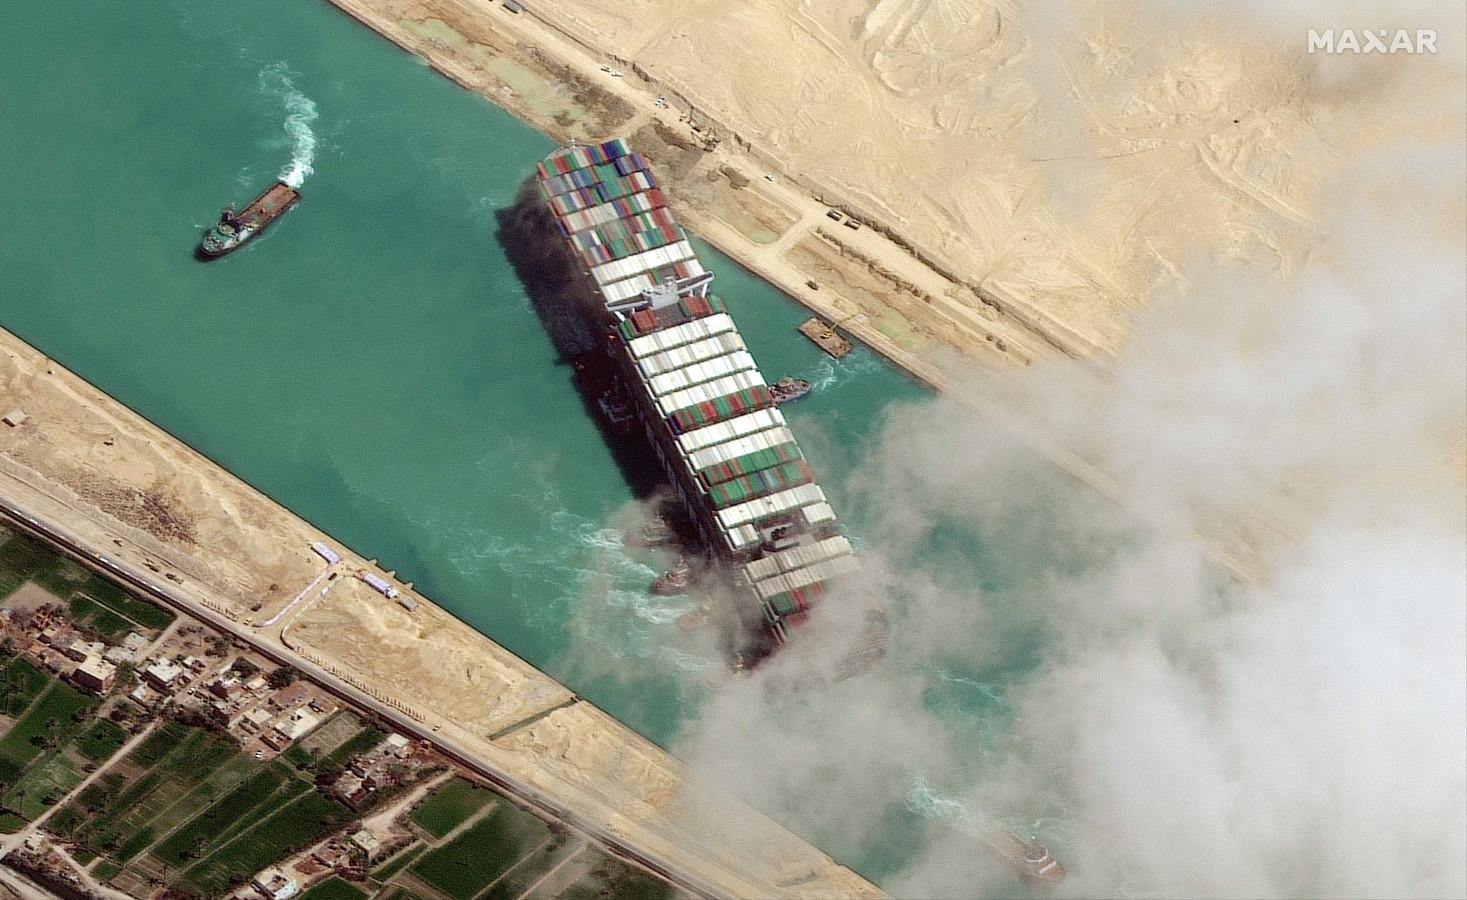 In maart blokkeerde het schip enkele dagen het Suezkanaal waardoor er een gigantische file ontstond.